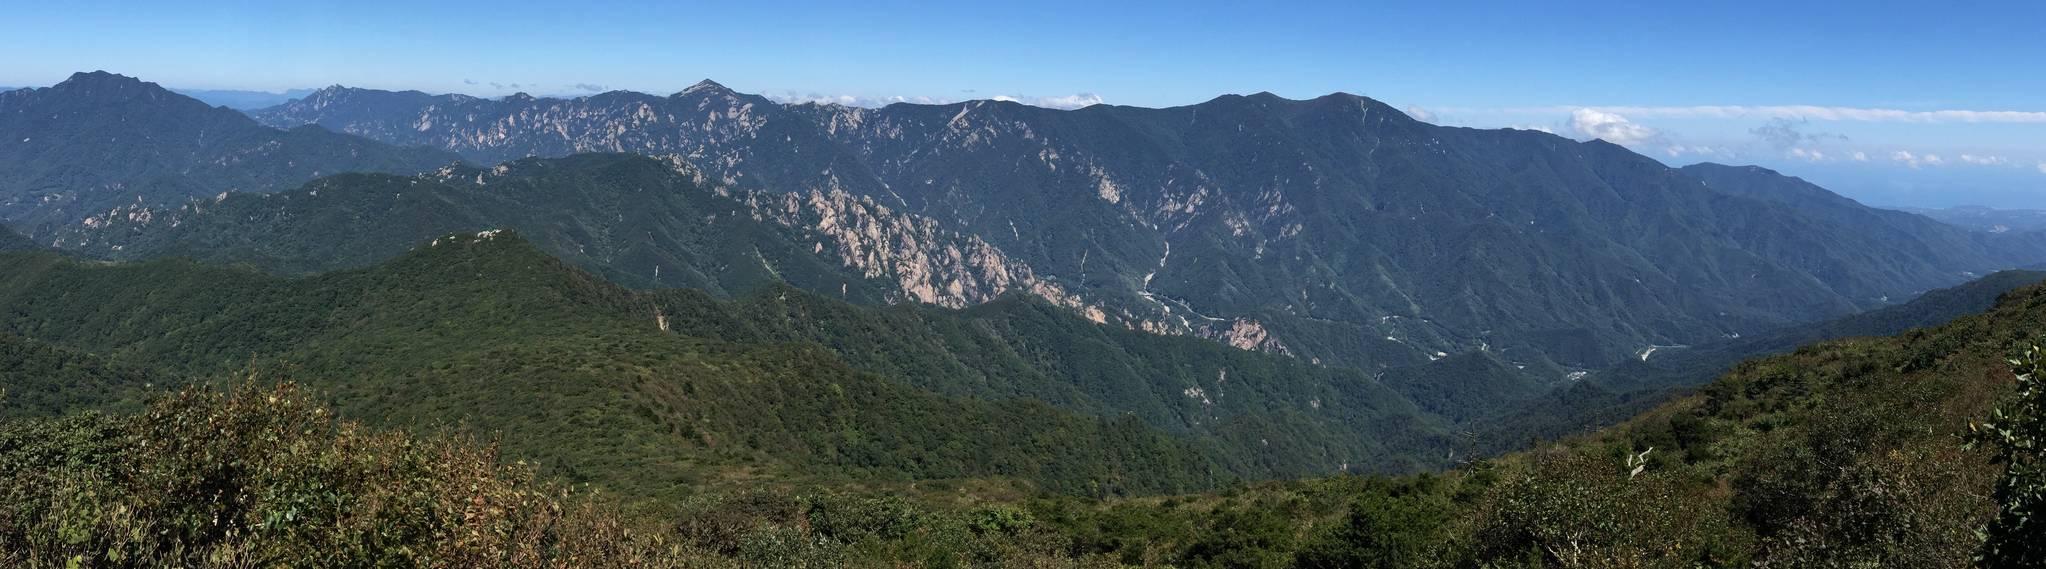 온난화 탓…백두대간 침엽수림 4년 새 10%나 줄어